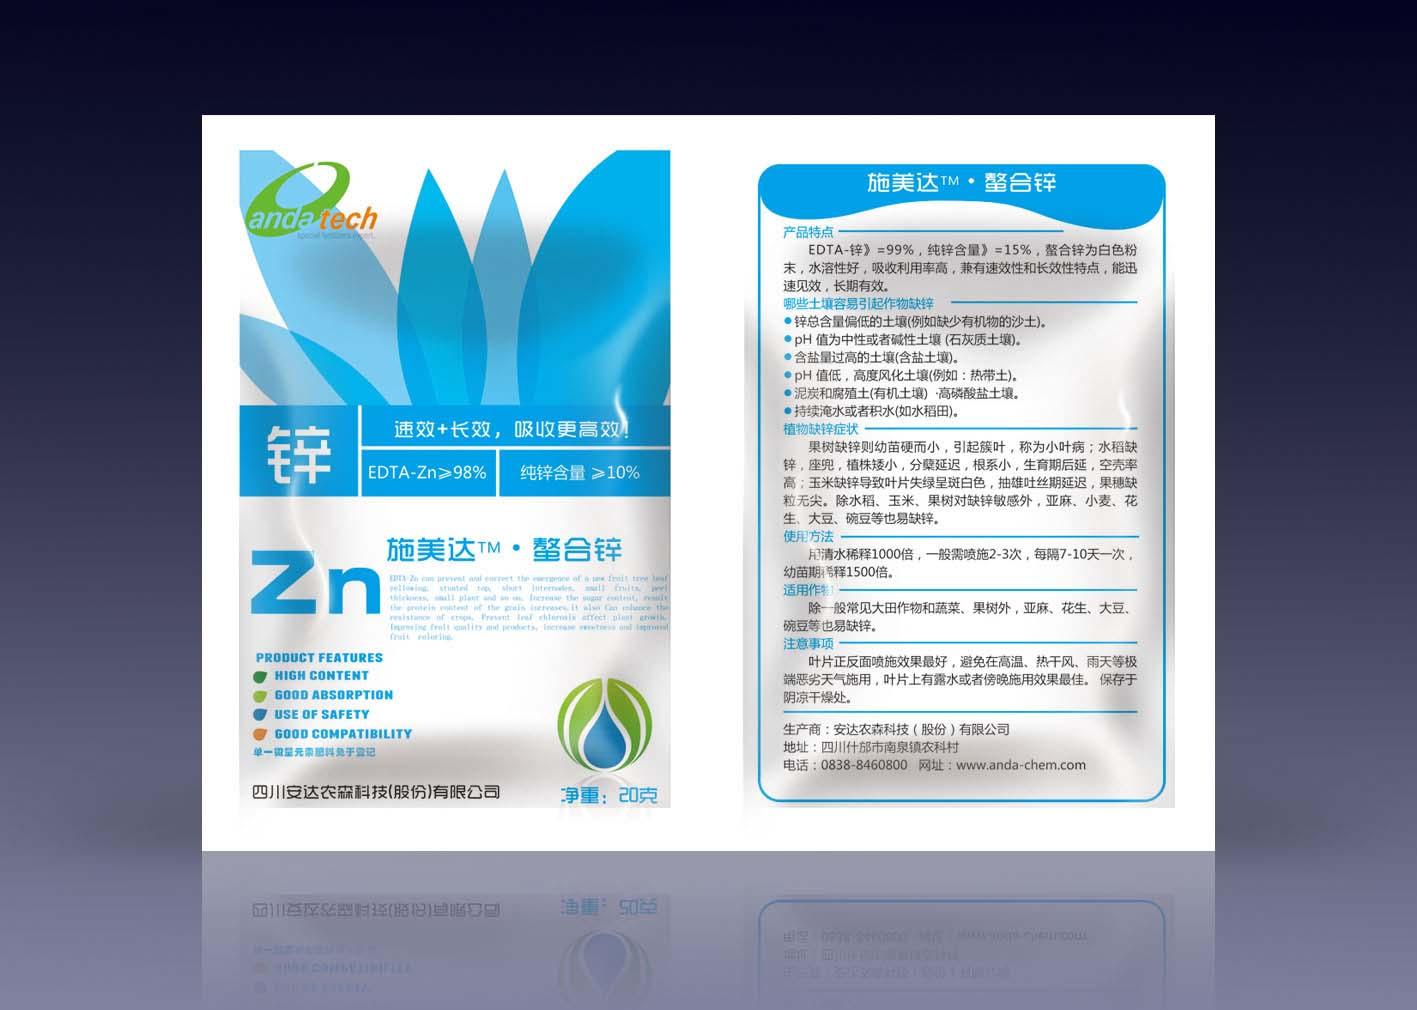 肥料包装设计_众寻传媒工作室案例展示_一品威客网